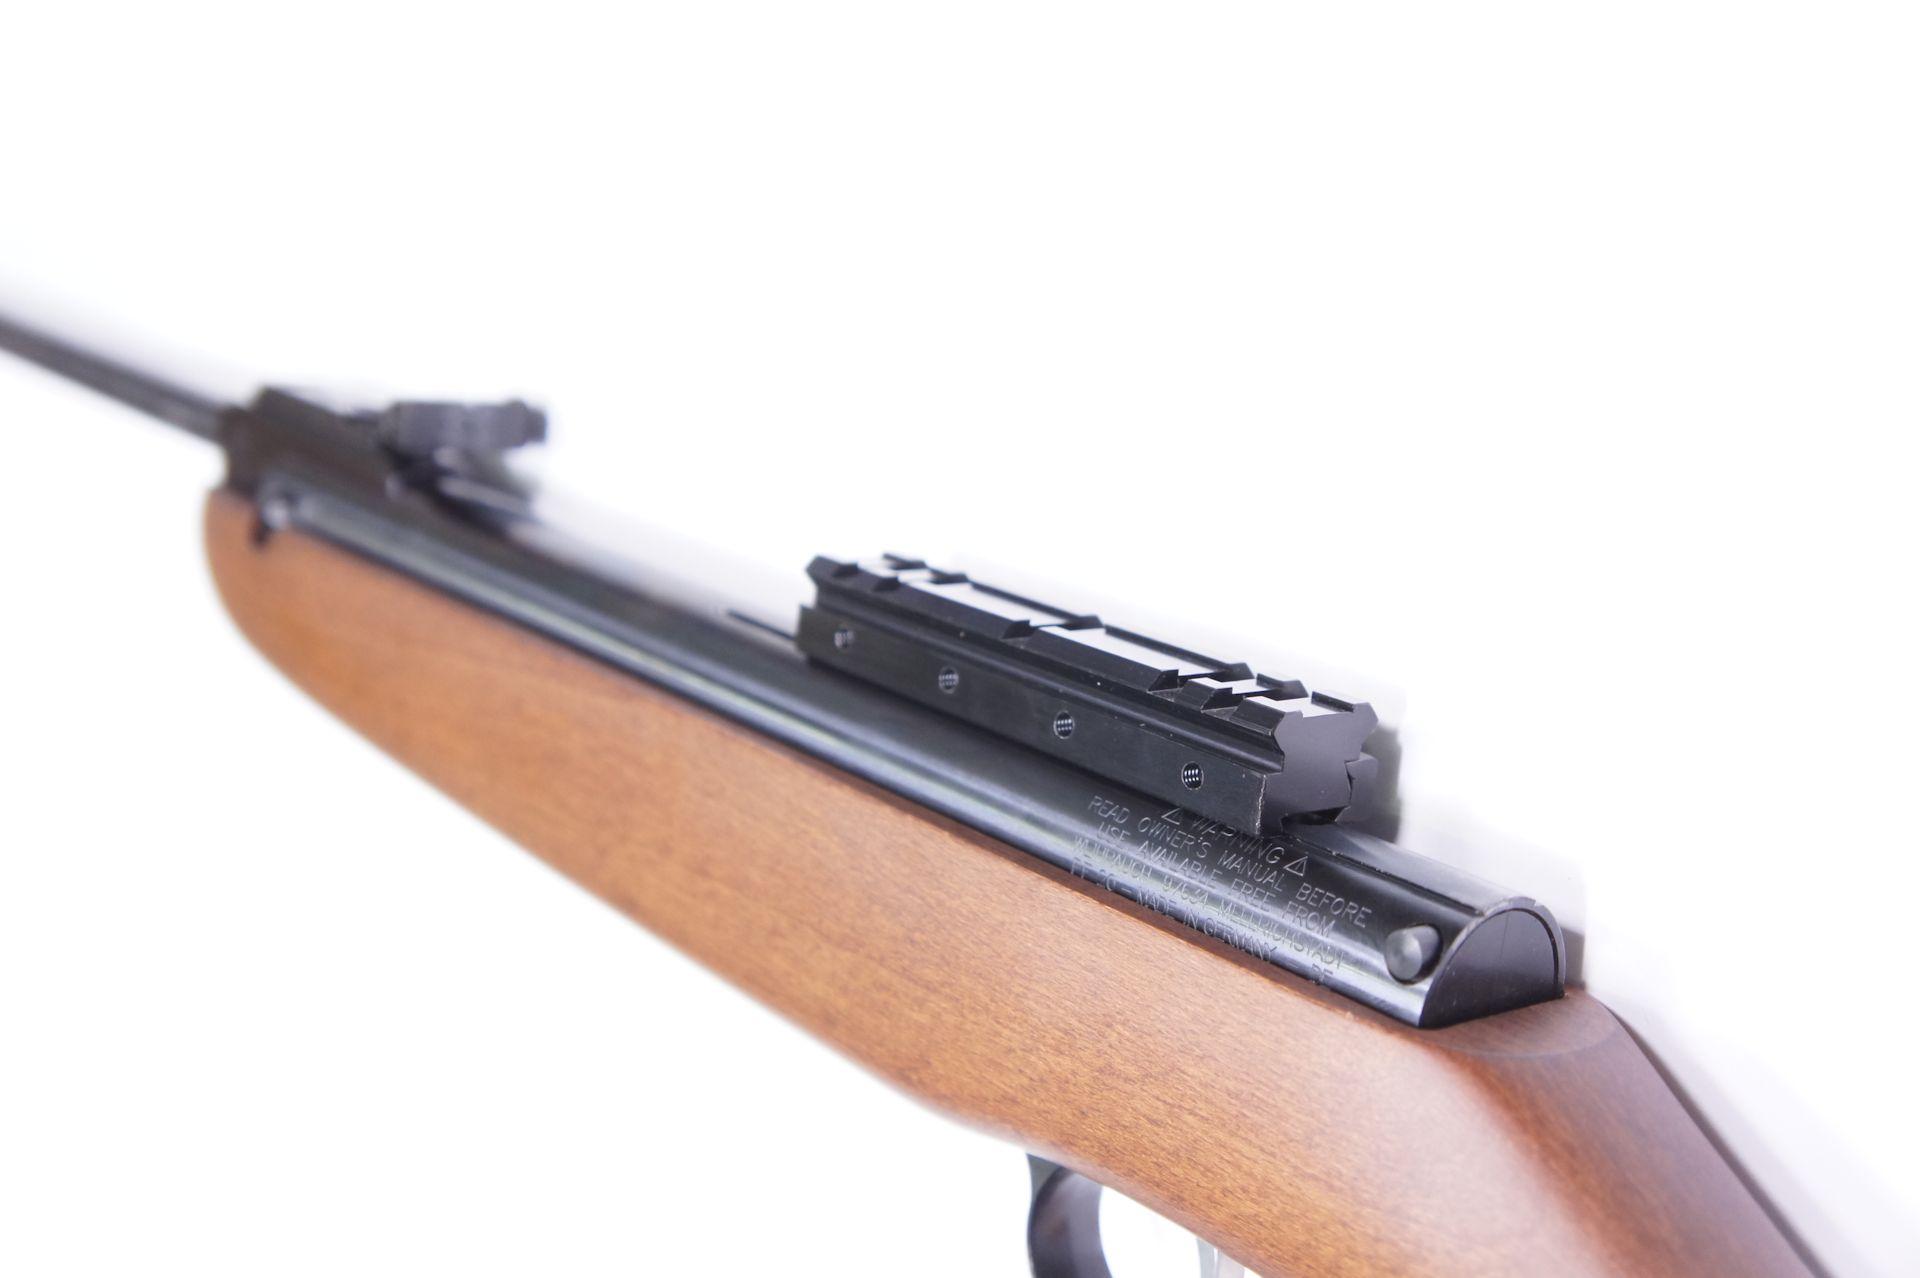 Als Zubehör könnte so eine <a href=1130647-1177.htm> Montageschiene mit Neigung </a>sehr interessant sein, weil die Ringe vom Zielfernrohr hierauf perfekt passen. Diese Montageschiene wirkt als Adapter von einer 11mm breiten Schiene auf das breitere 21mm Format.